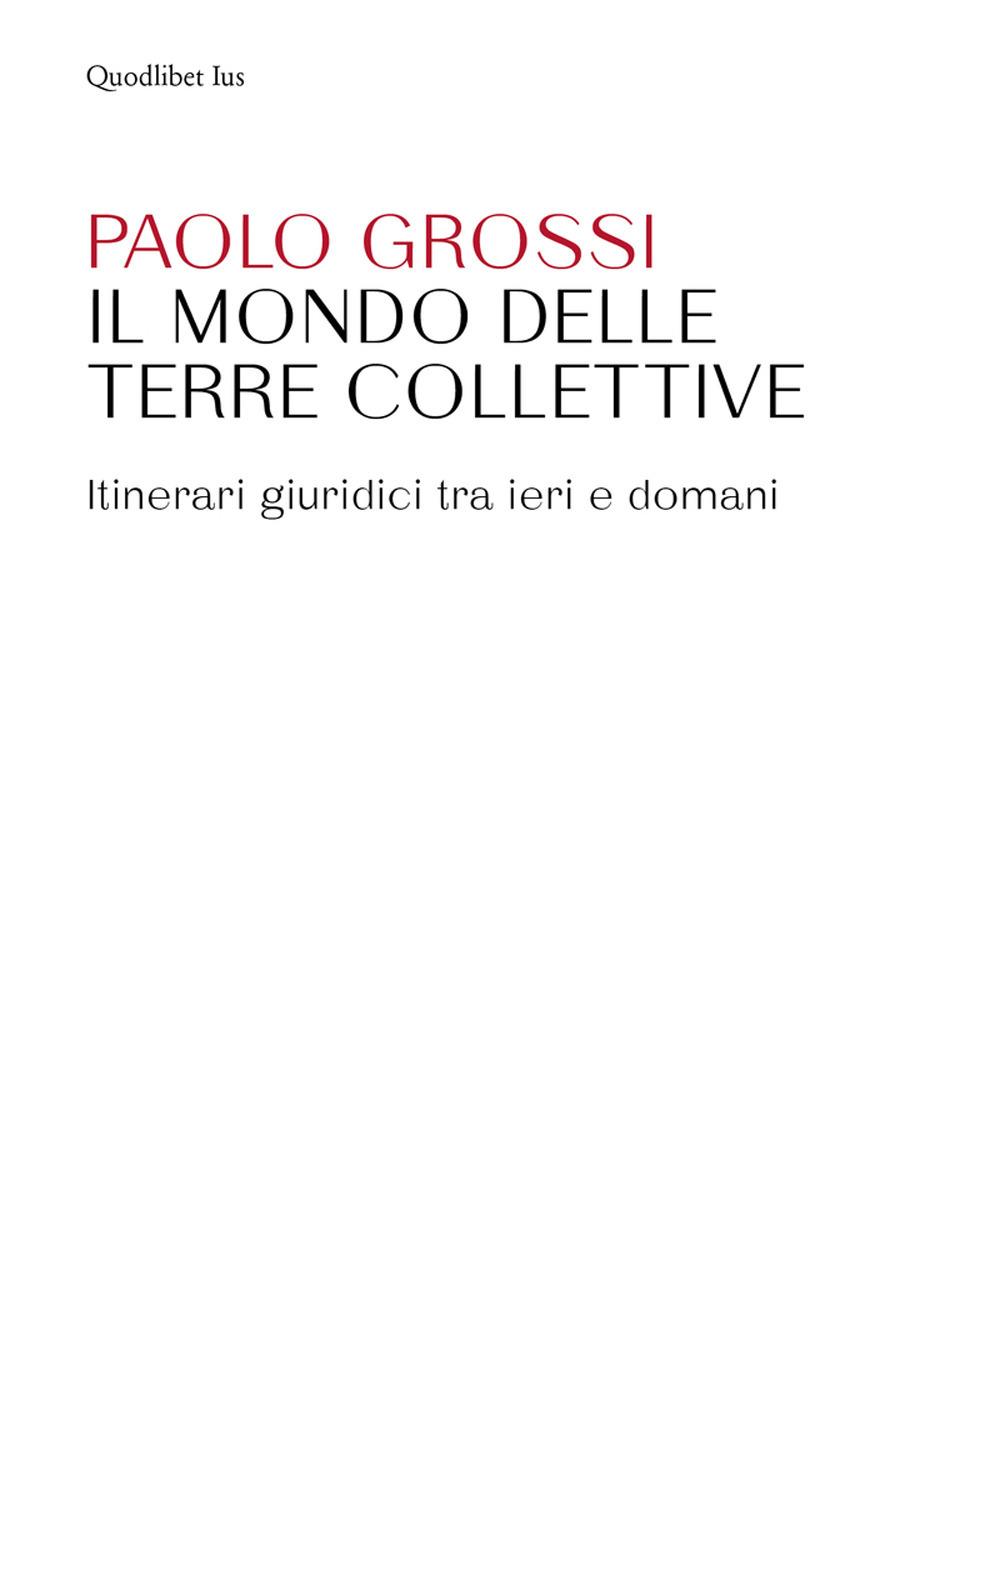 MONDO DELLE TERRE COLLETTIVE. ITINERARI GIURIDICI TRA IERI E DOMANI (IL) - 9788822903884